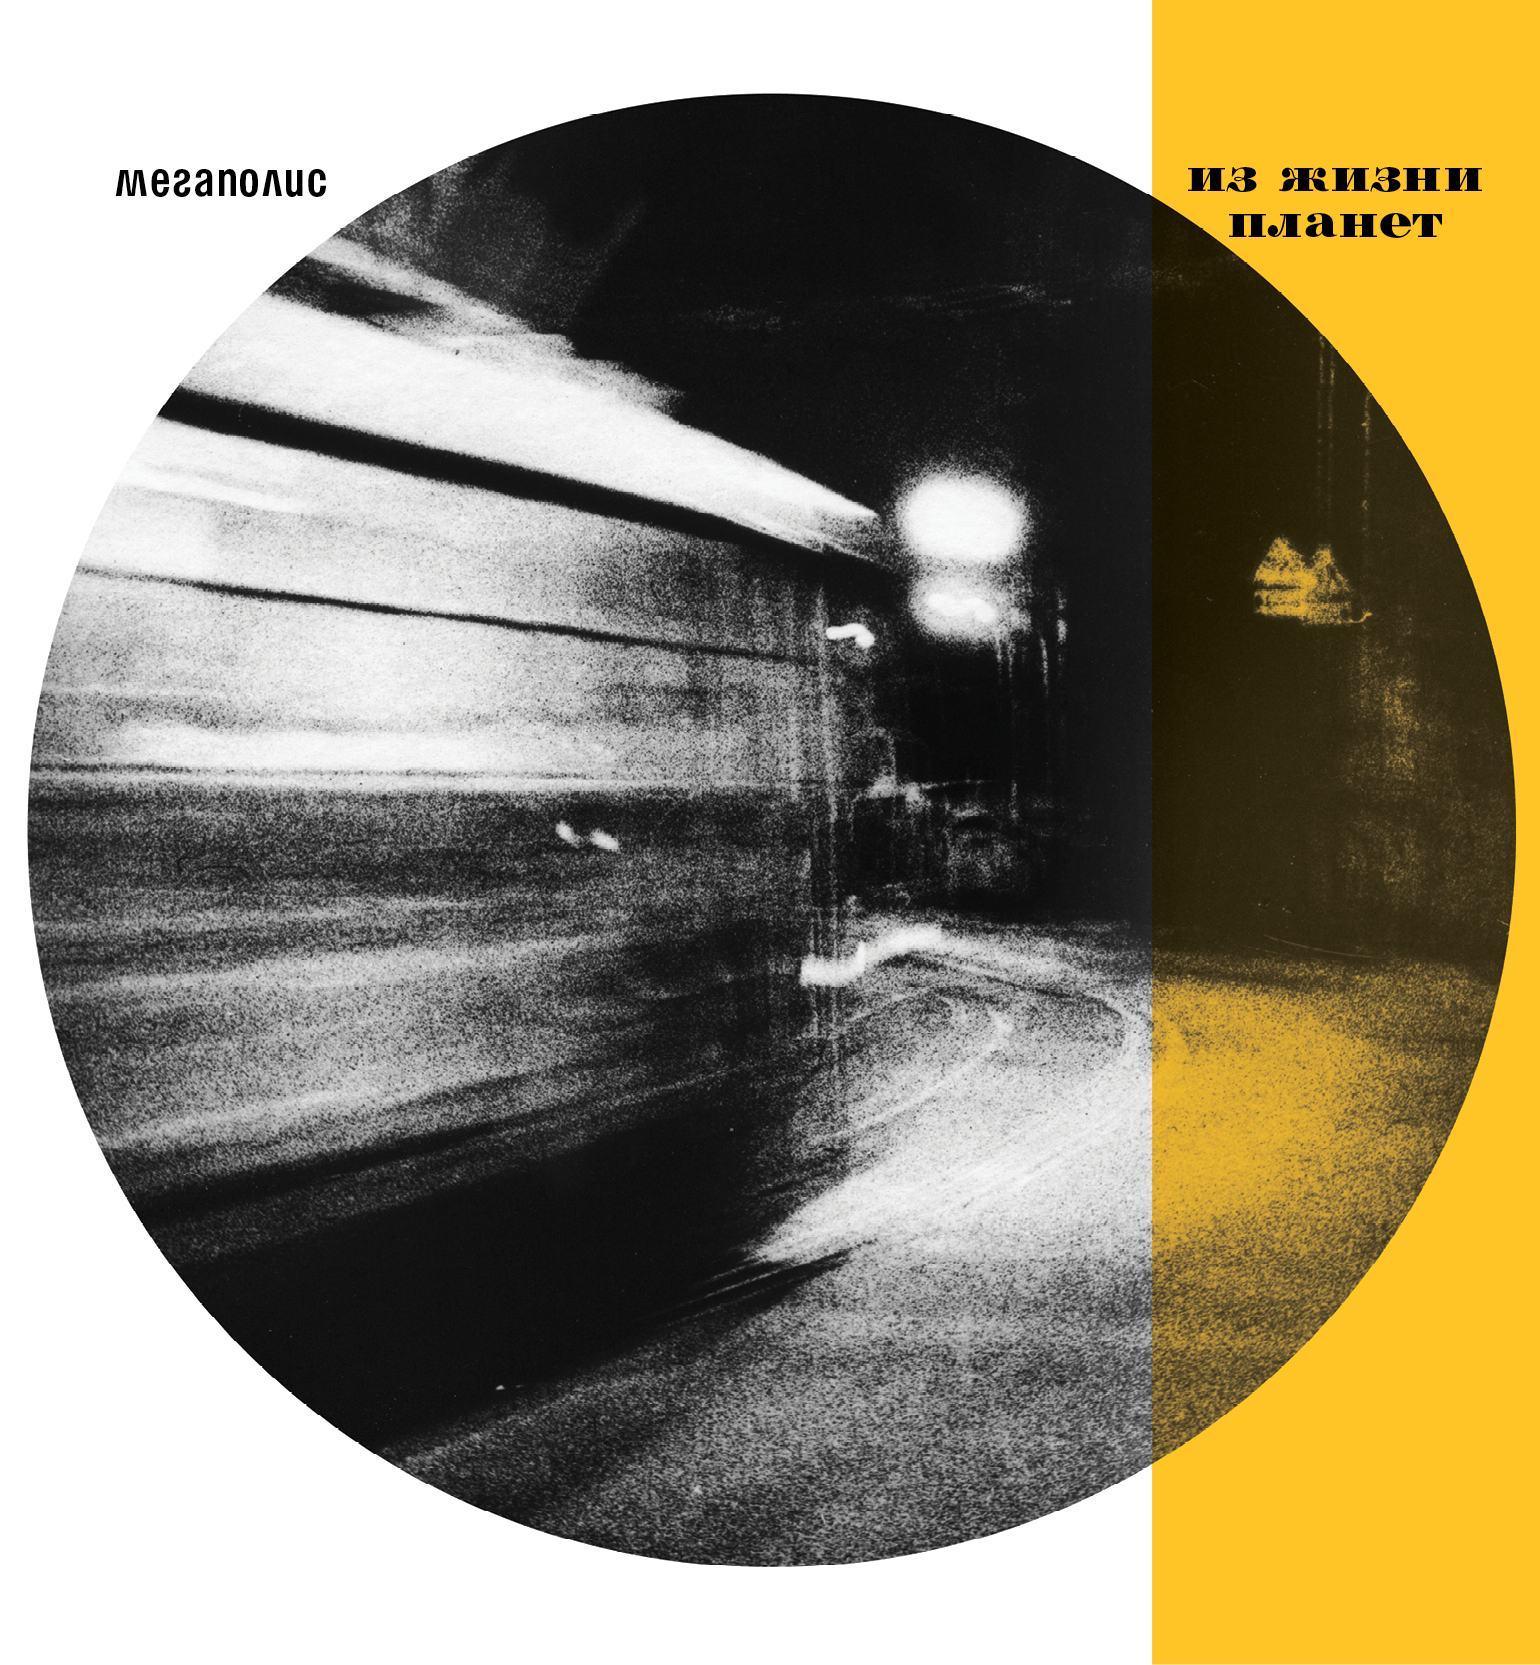 Мегаполис Мегаполис. Из жизни планет (2 CD) песни для вовы 308 cd